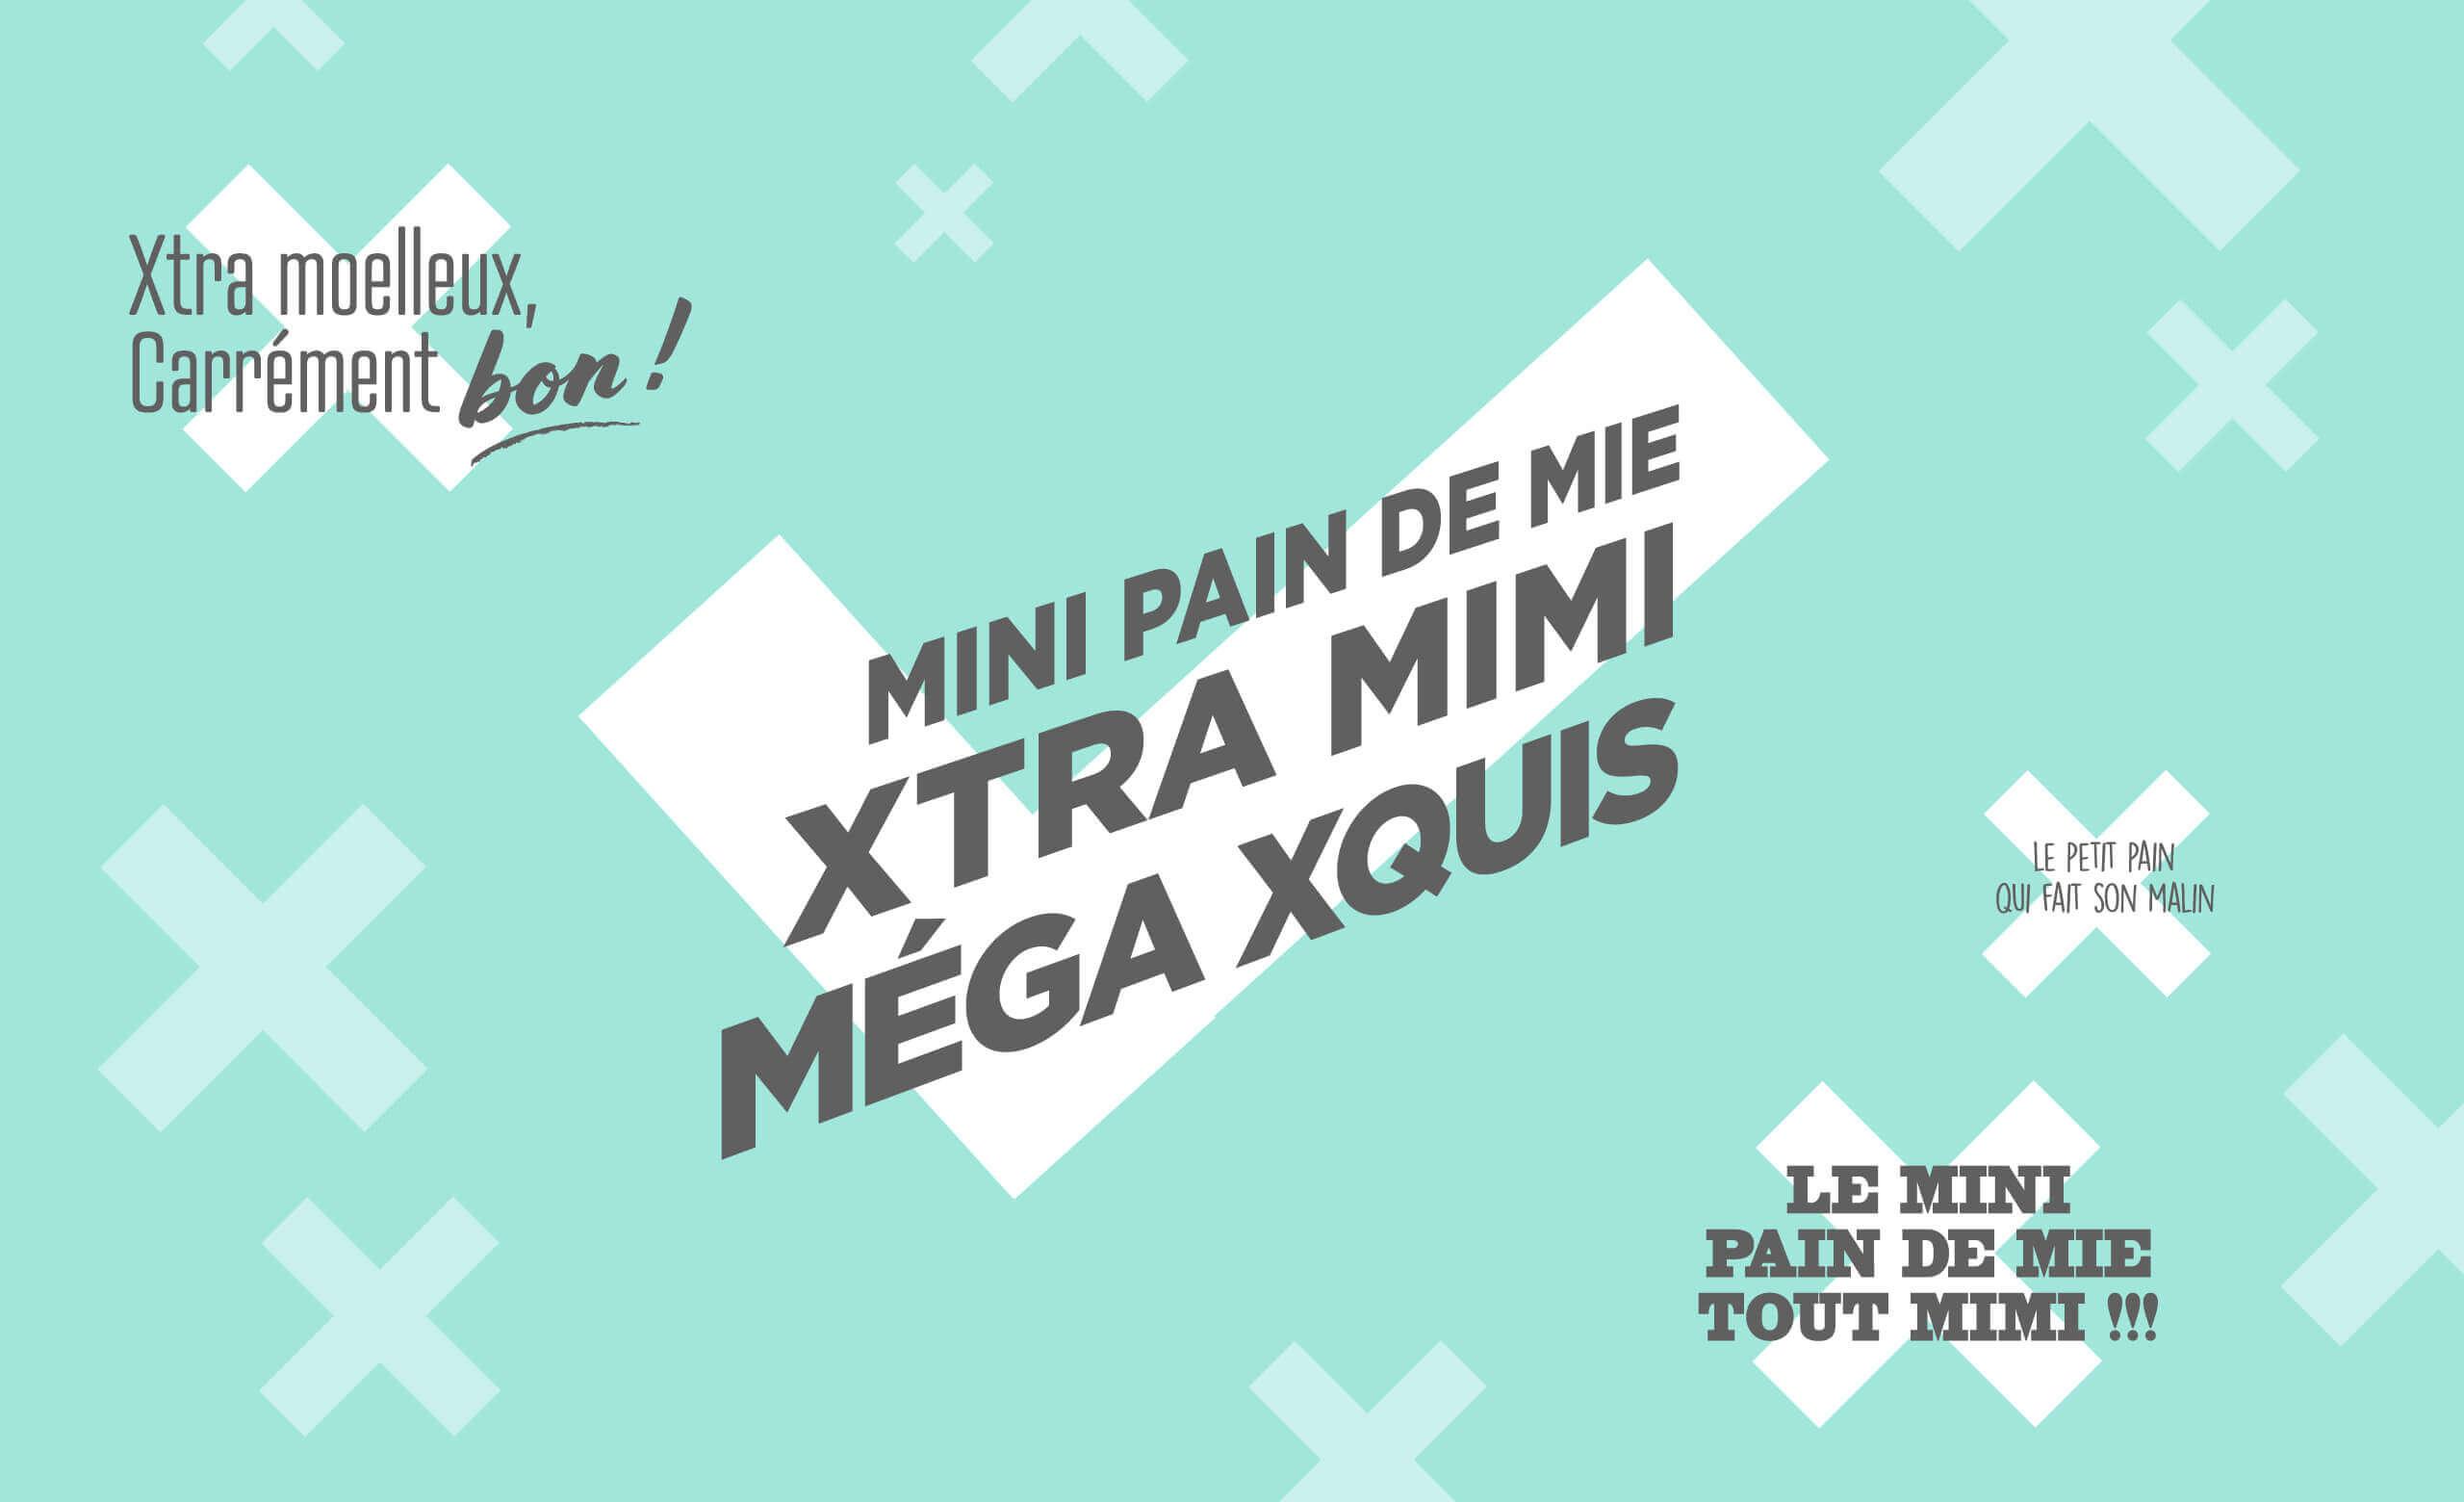 slogans X Cube